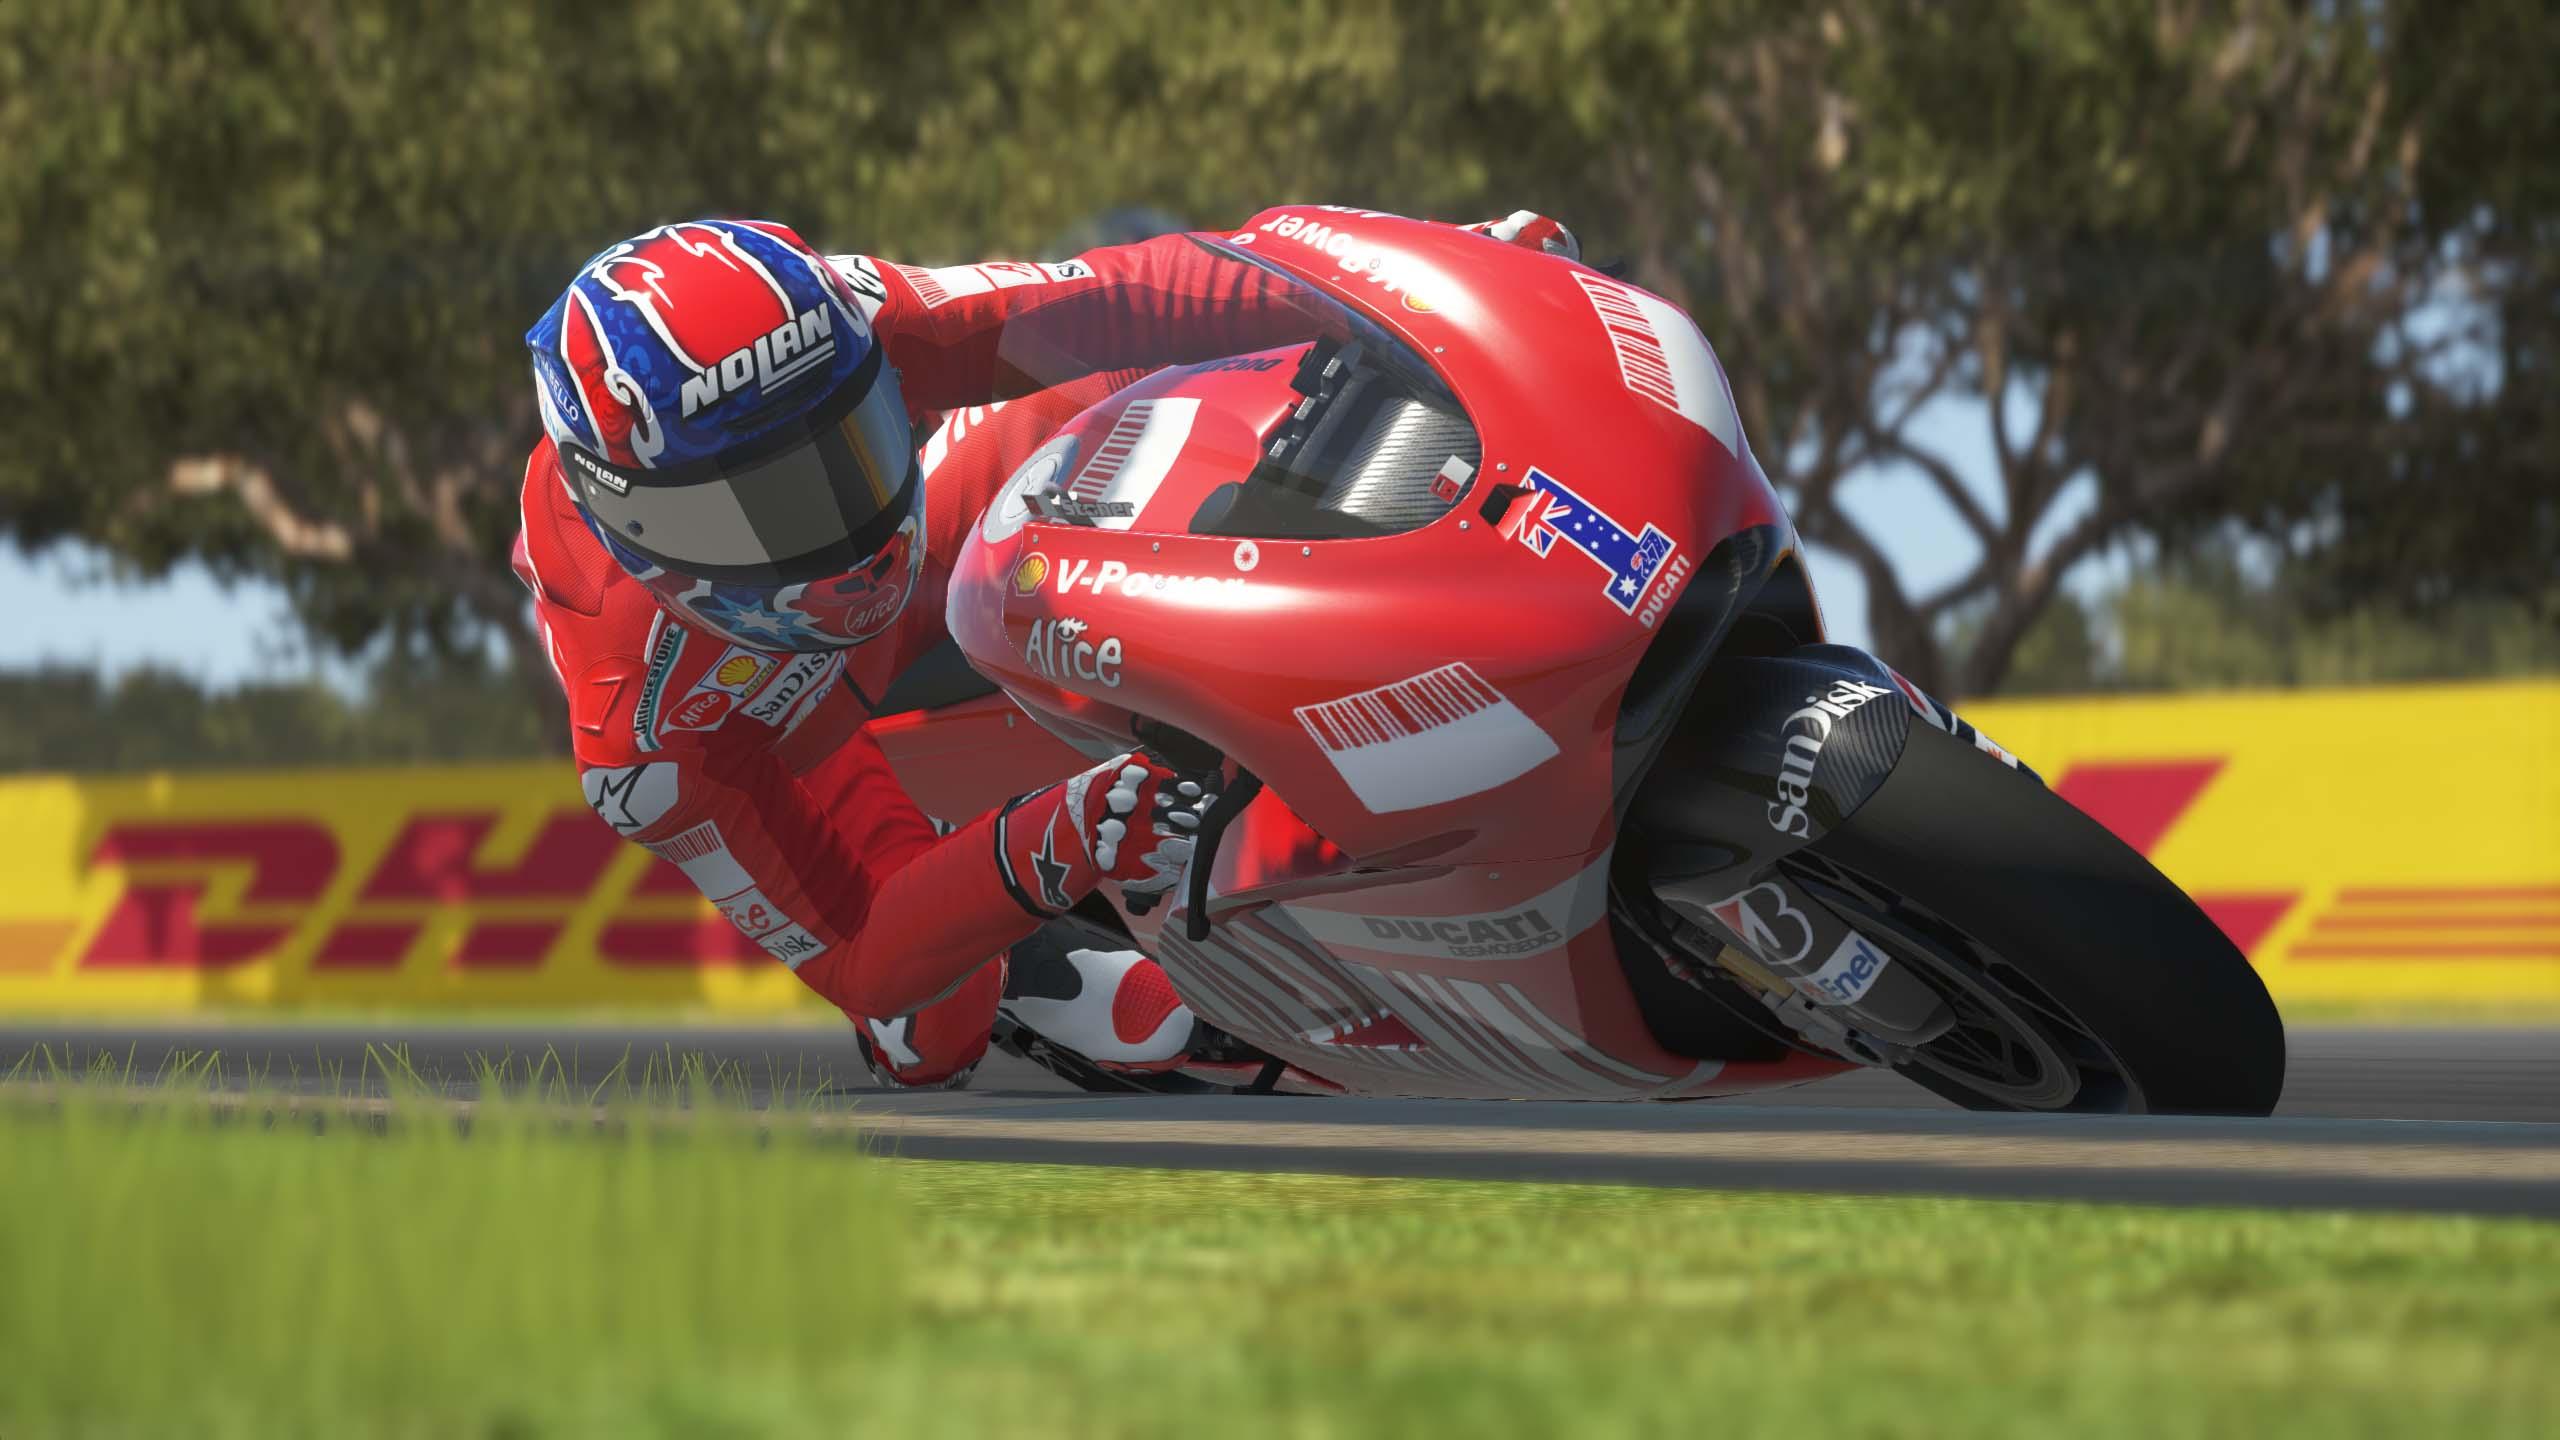 MotoGPVR46X64 2016-08-14 23-40-19-50.jpg